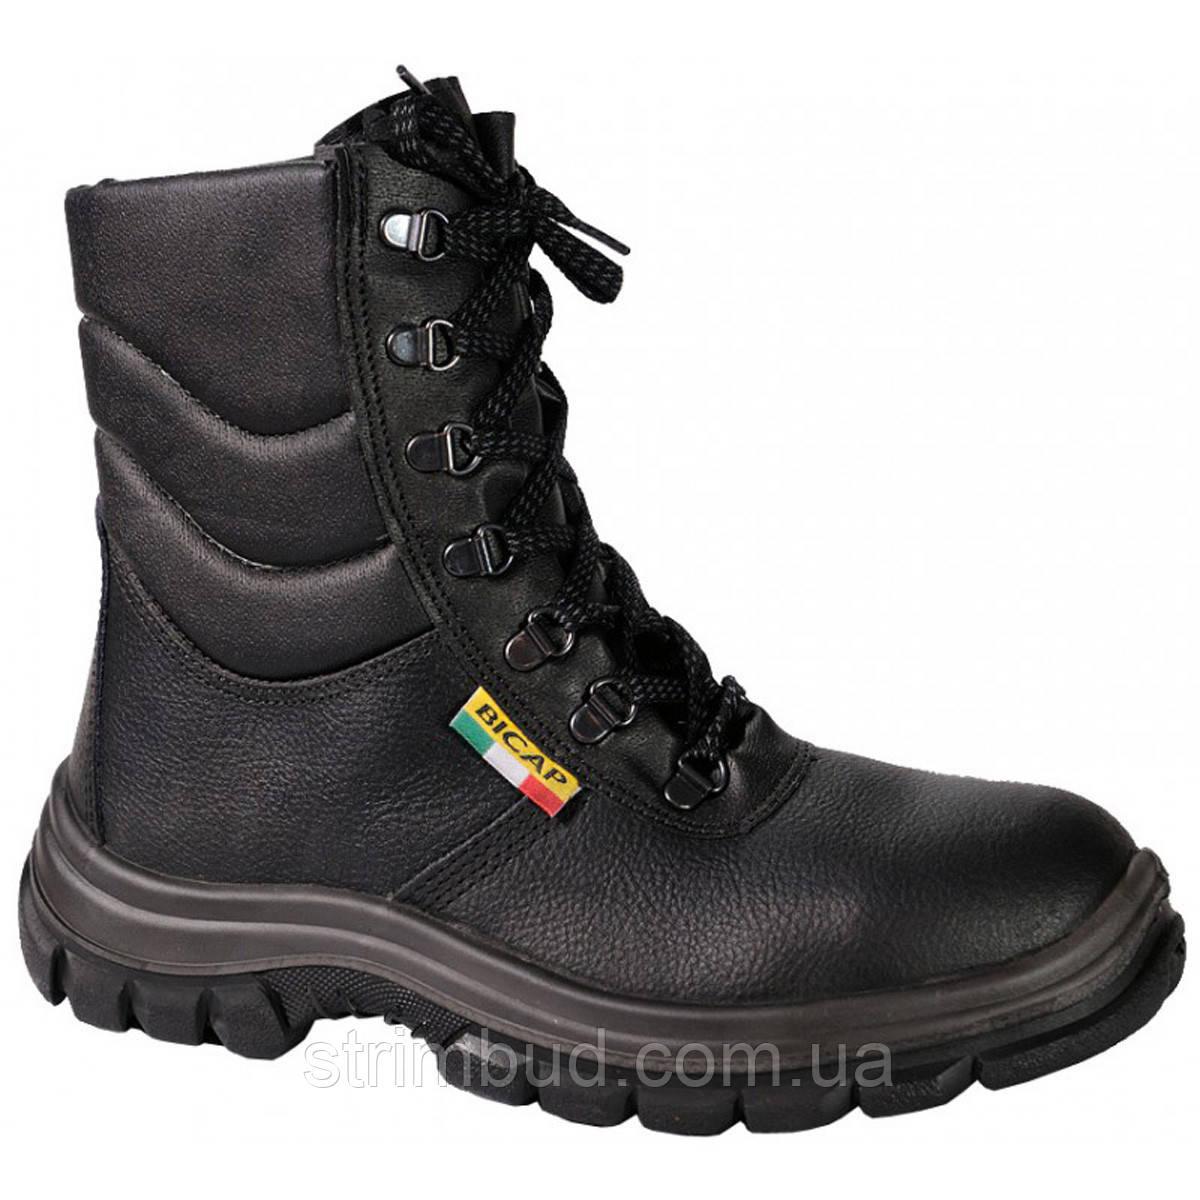 Ботинки рабочие Bicap AB 3040/A2 3 O2 CI SRC